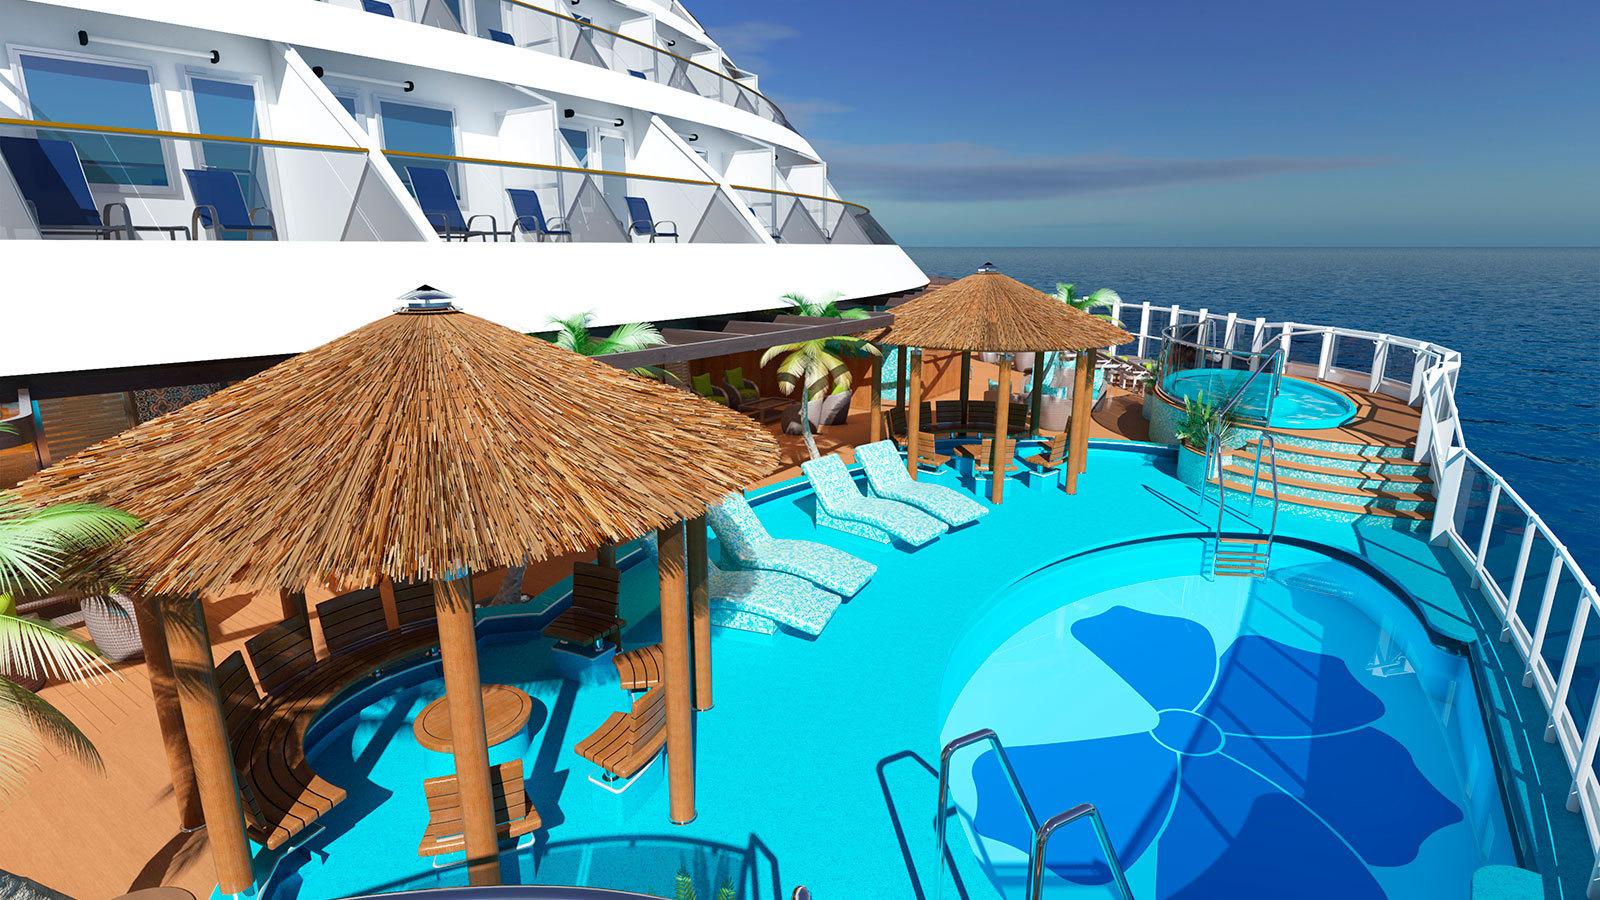 Havana-baren har också egen pool med uteservering. Foto: Carnival Cruises